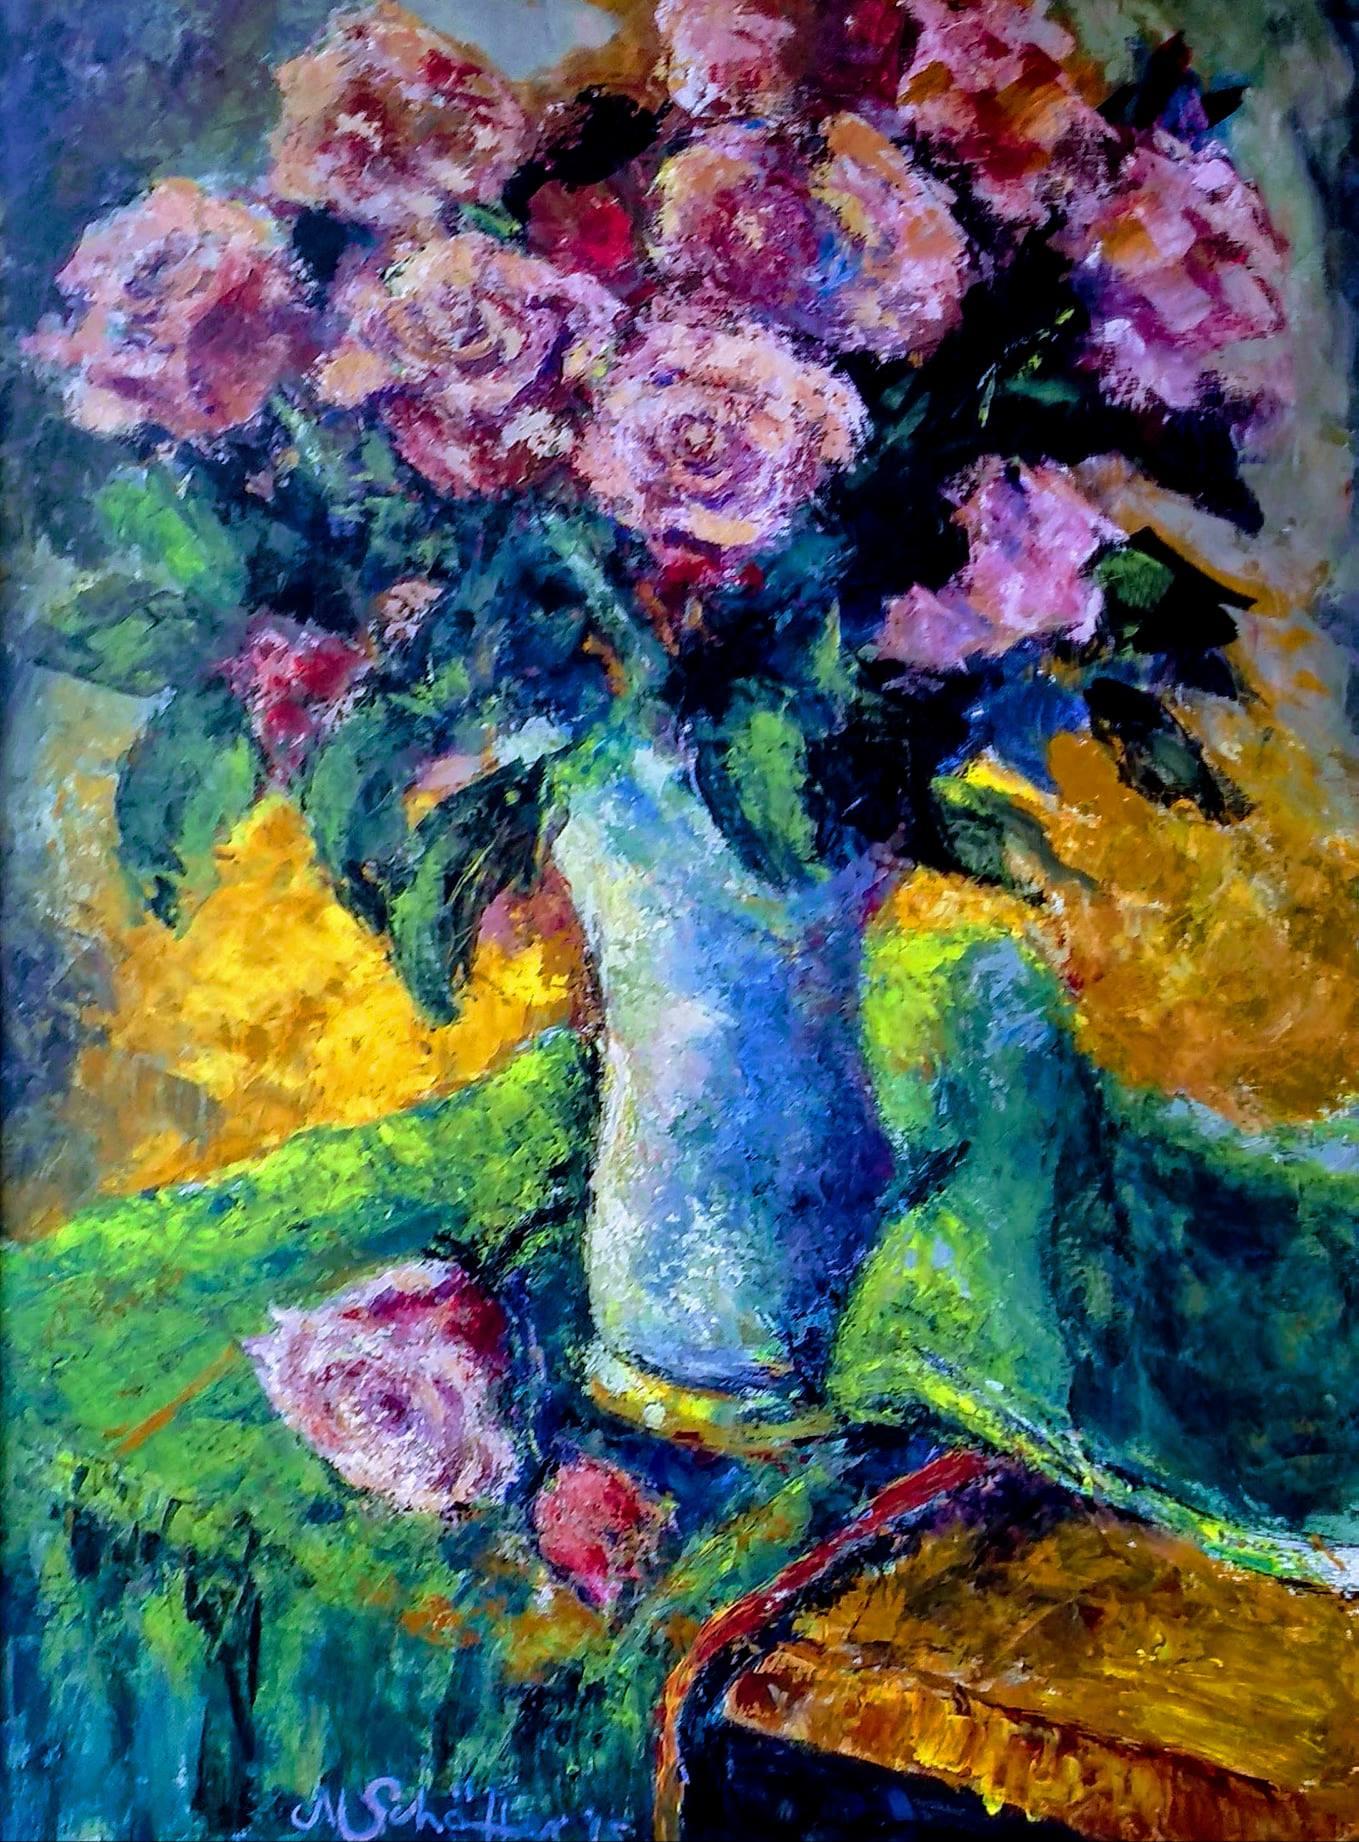 Meine Gartenrosen, Acryl auf Leinwand, 80 x 60 cm